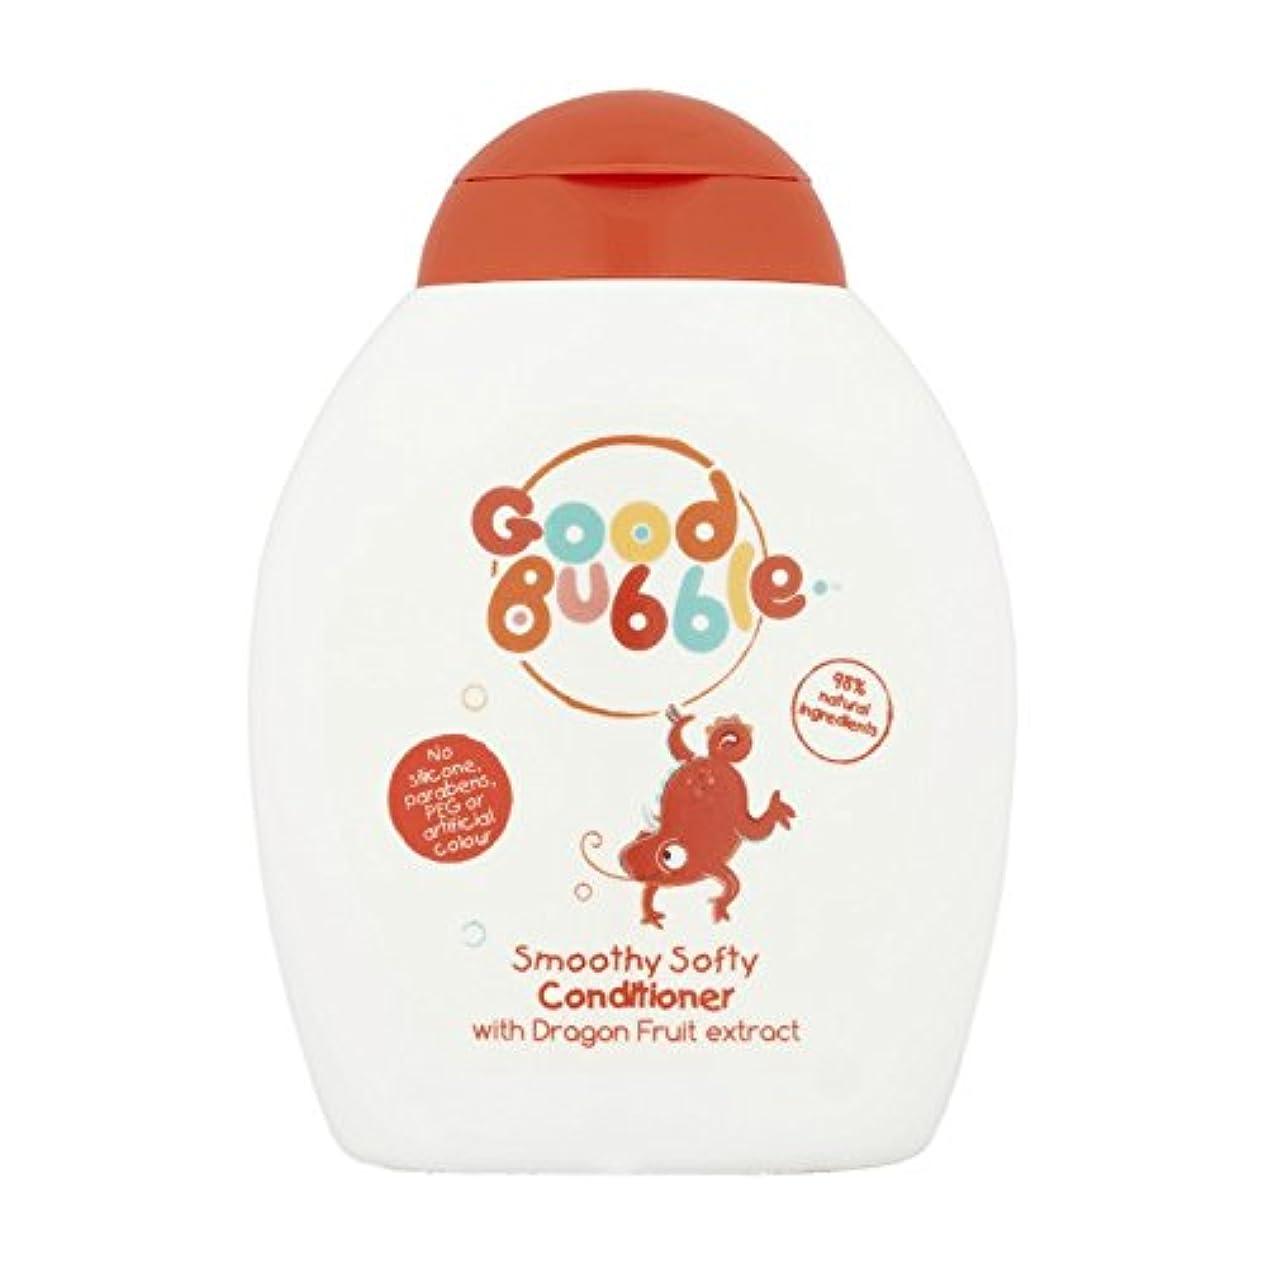 レンジ拘束ハング良いバブルドラゴンフルーツコンディショナー250ミリリットル - Good Bubble Dragon Fruit Conditioner 250ml (Good Bubble) [並行輸入品]